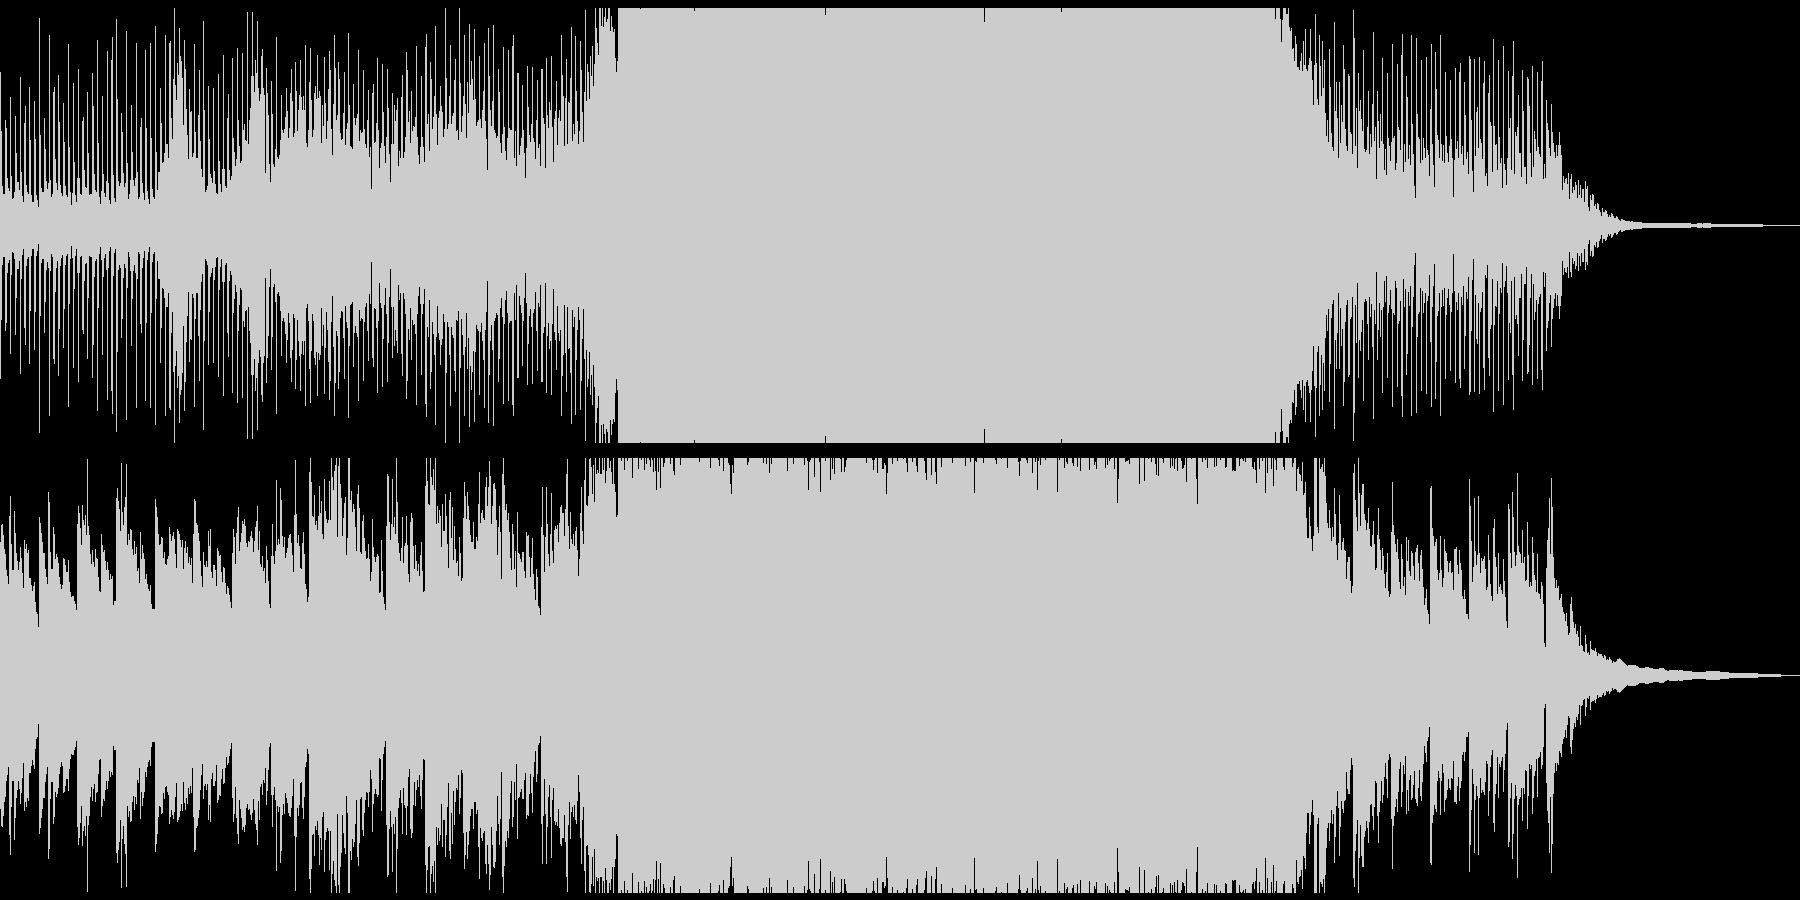 未来を感じる映像に 4つ打ちソフトロックの未再生の波形